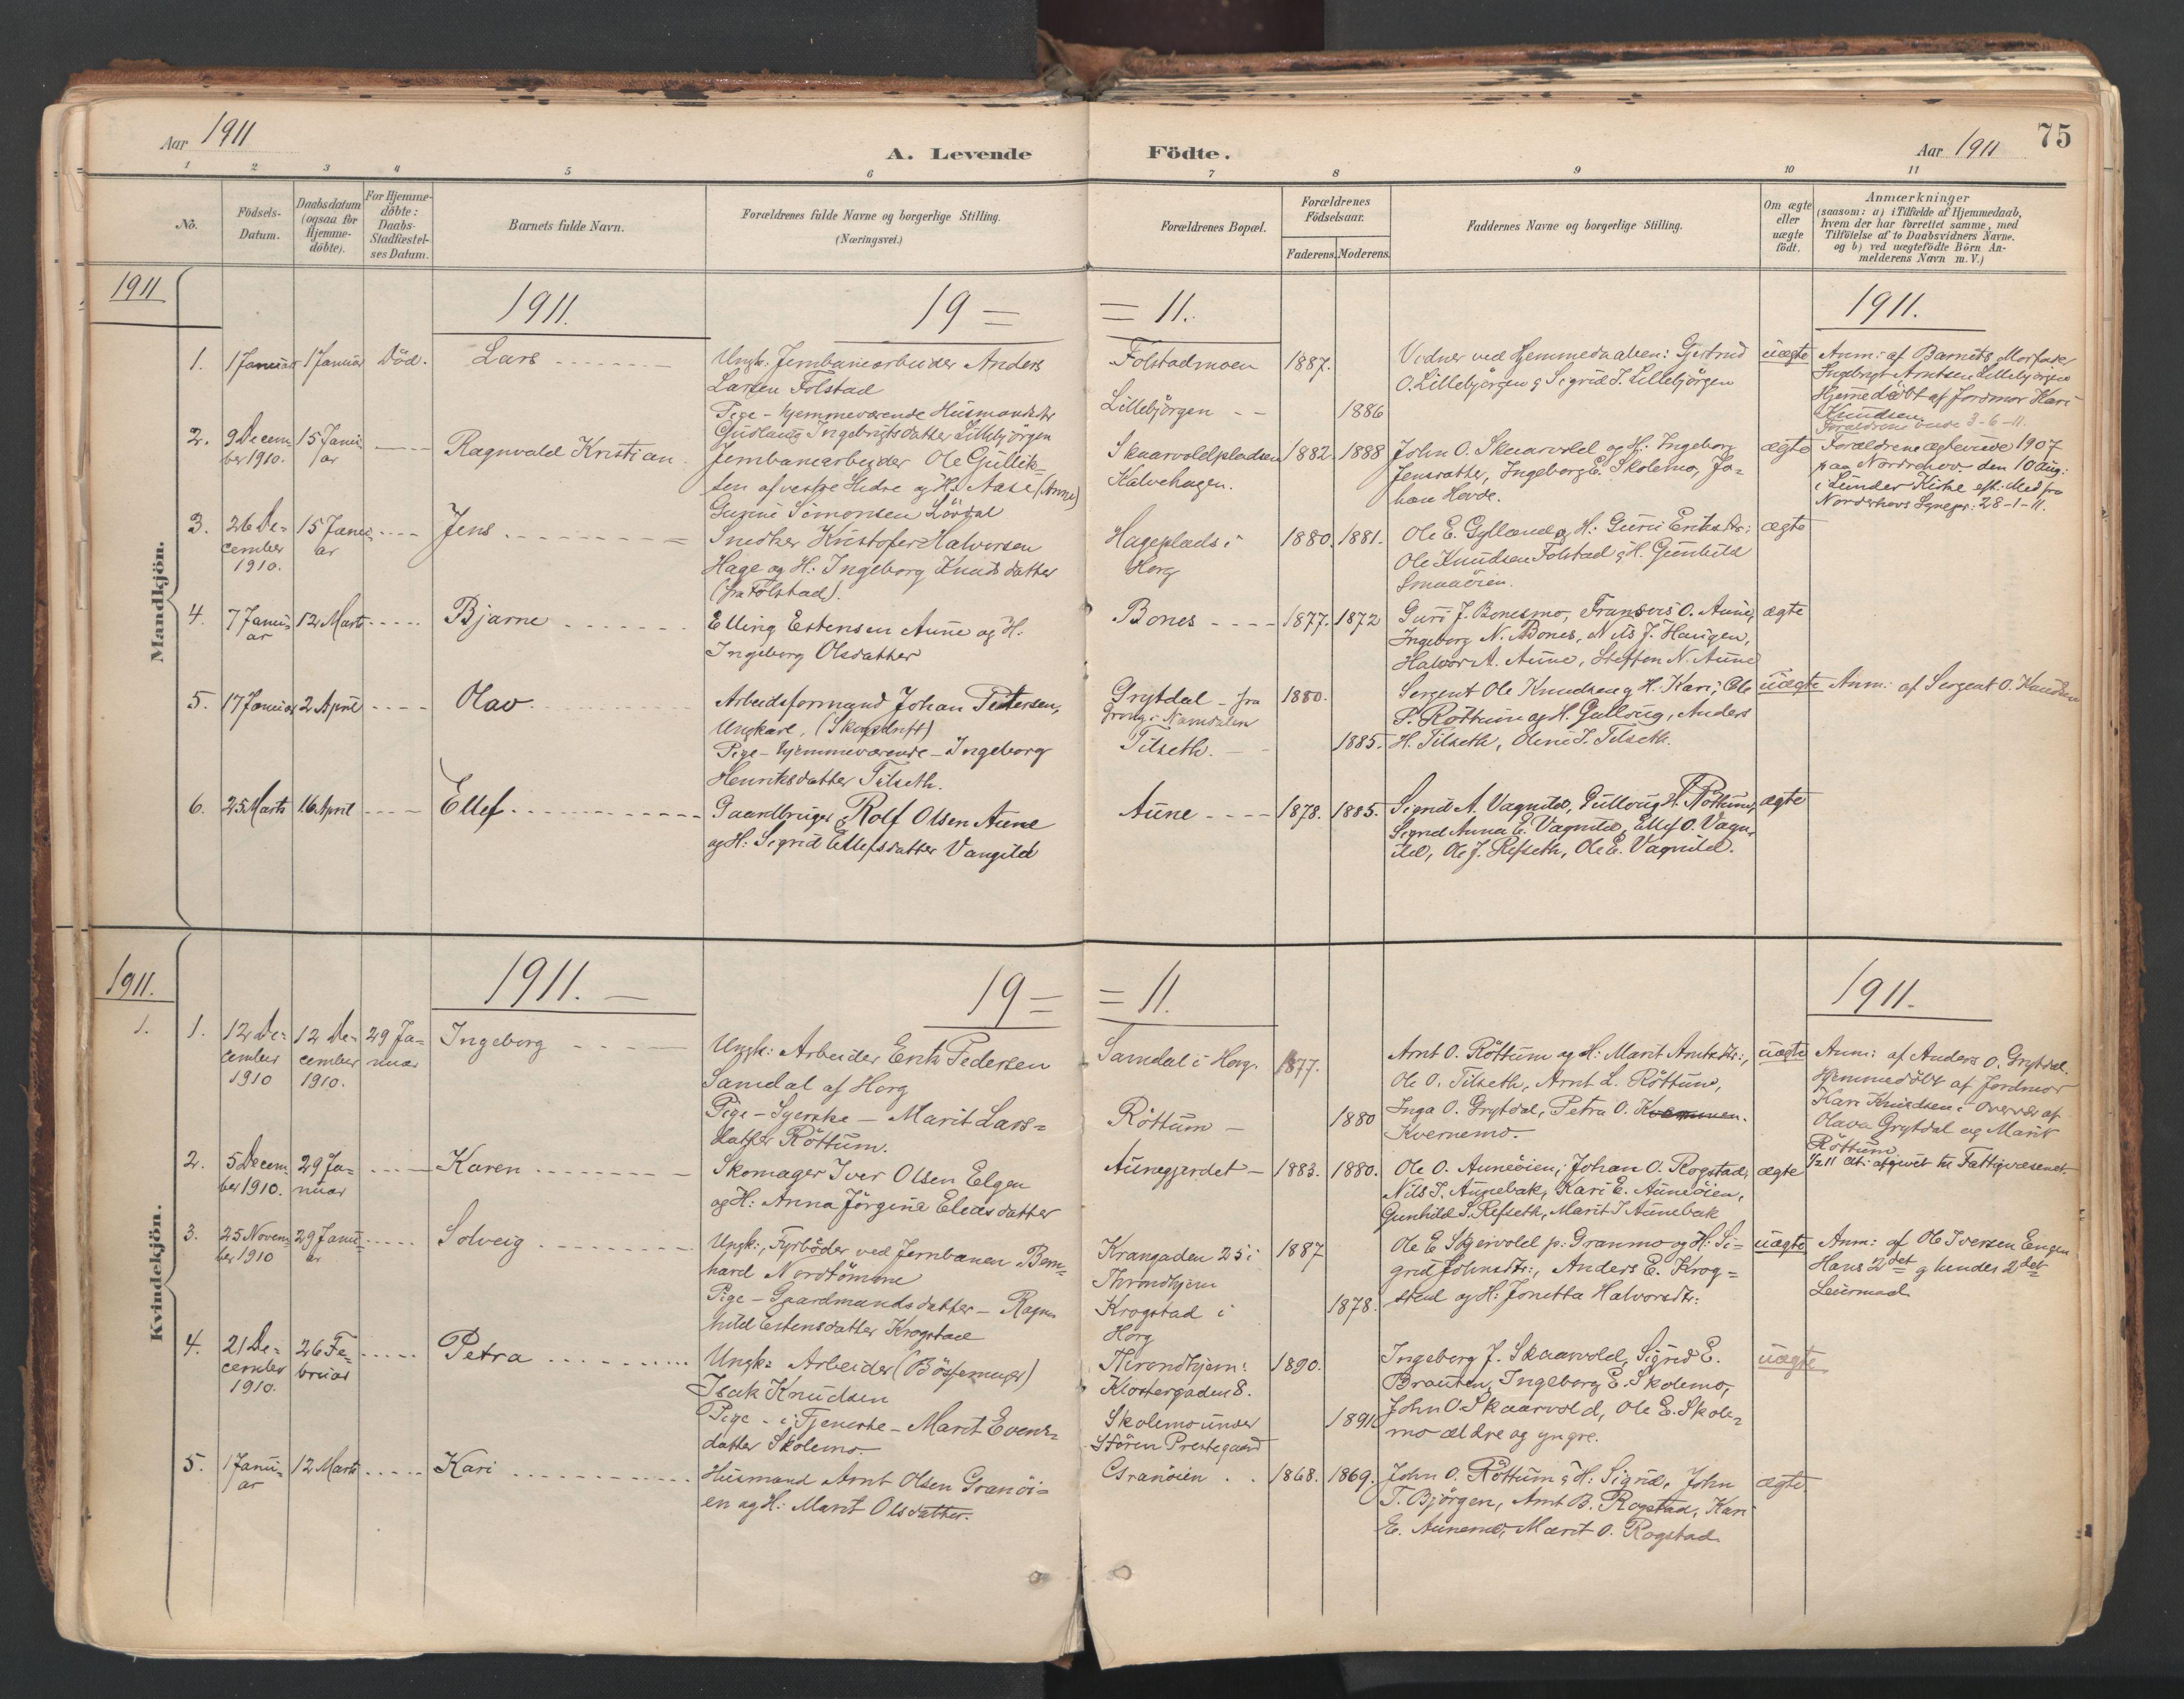 SAT, Ministerialprotokoller, klokkerbøker og fødselsregistre - Sør-Trøndelag, 687/L1004: Ministerialbok nr. 687A10, 1891-1923, s. 75